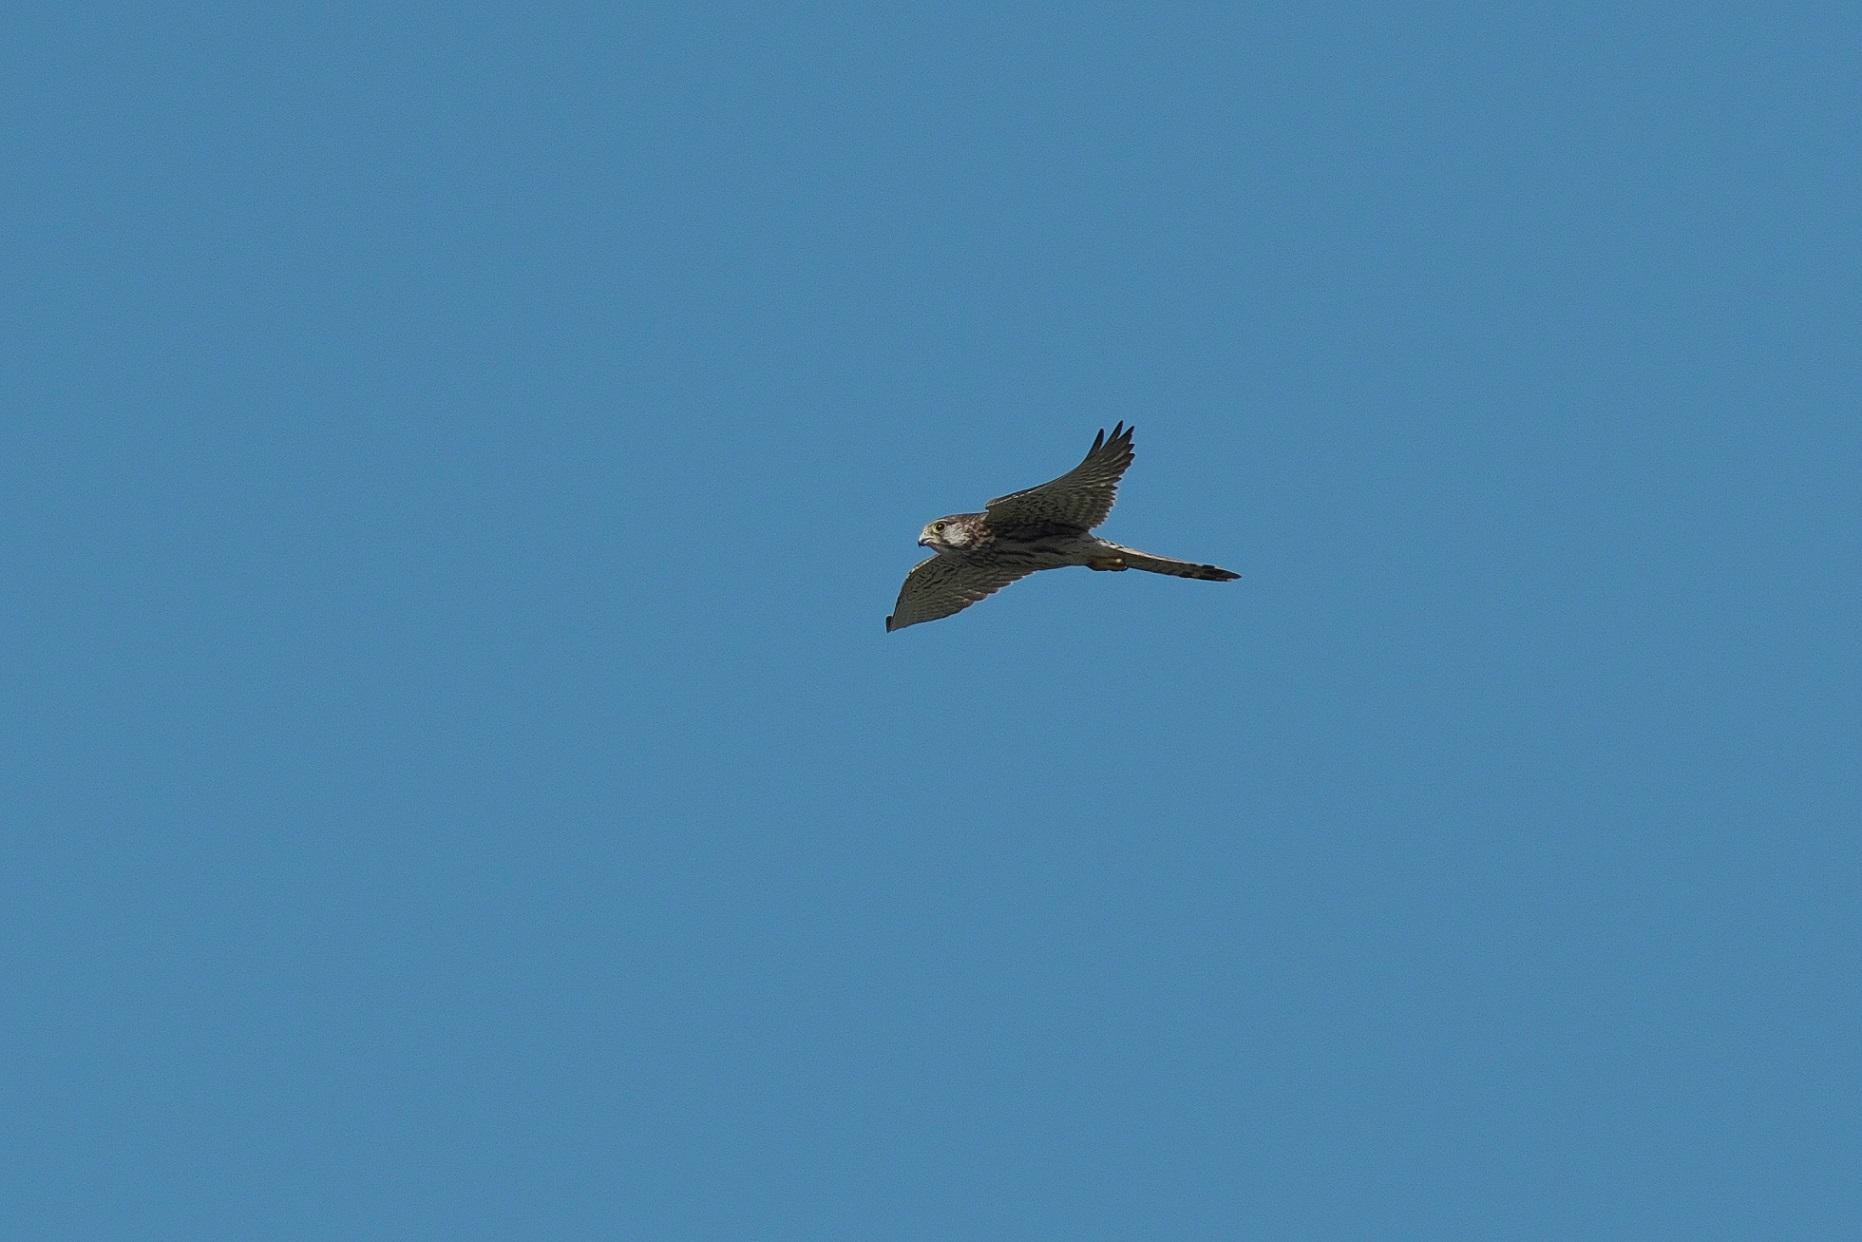 遠くを飛んで行く若いハヤブサ_c0383758_17474863.jpg